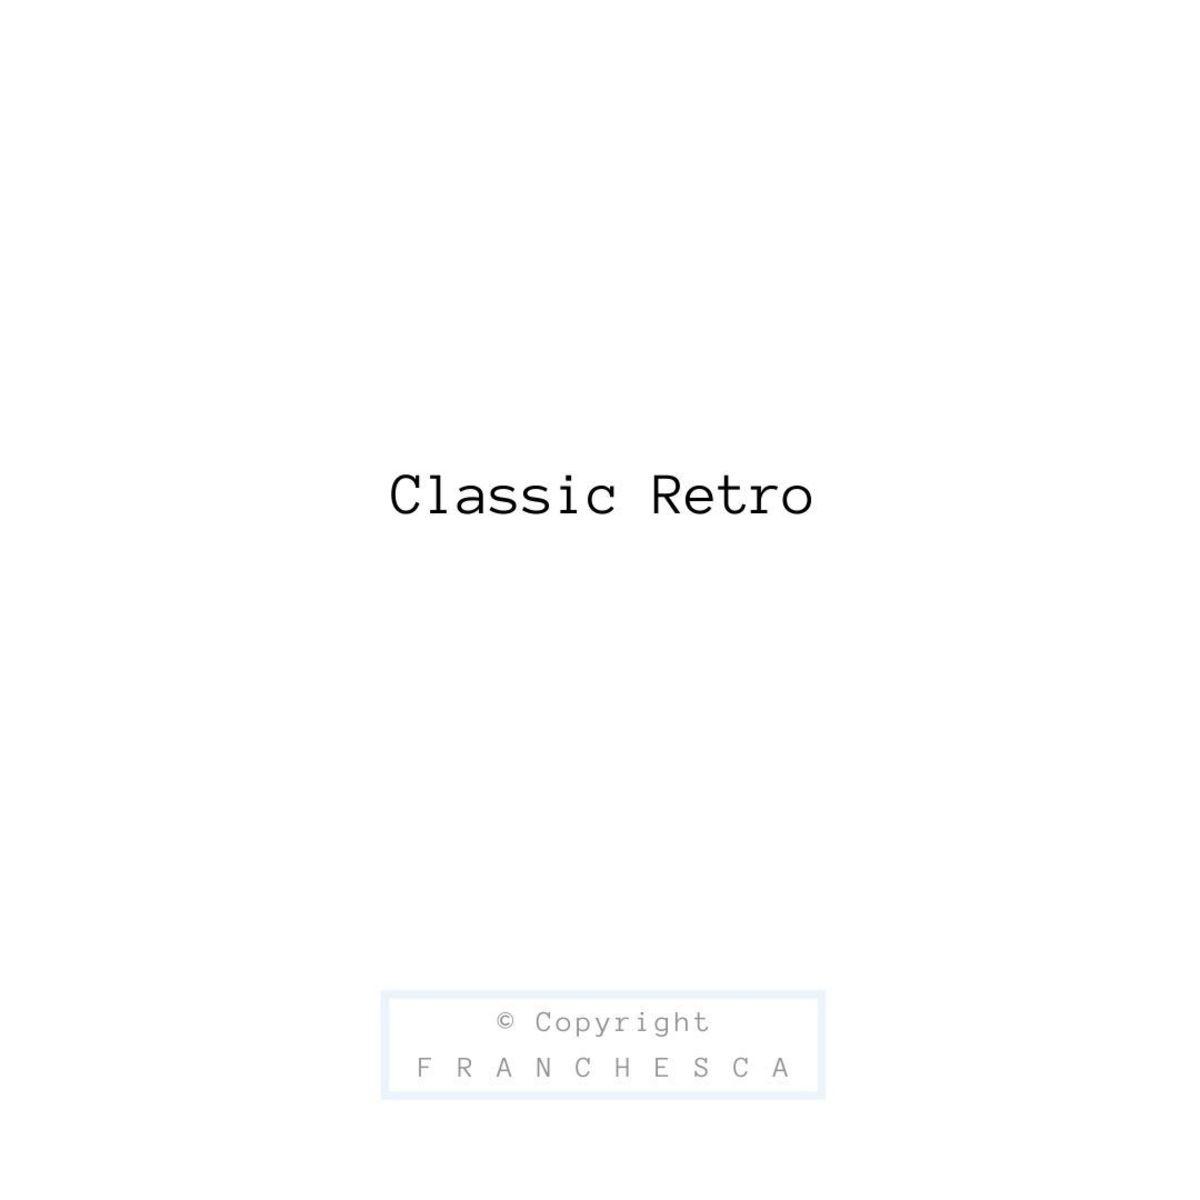 117th Article: Classic Retro